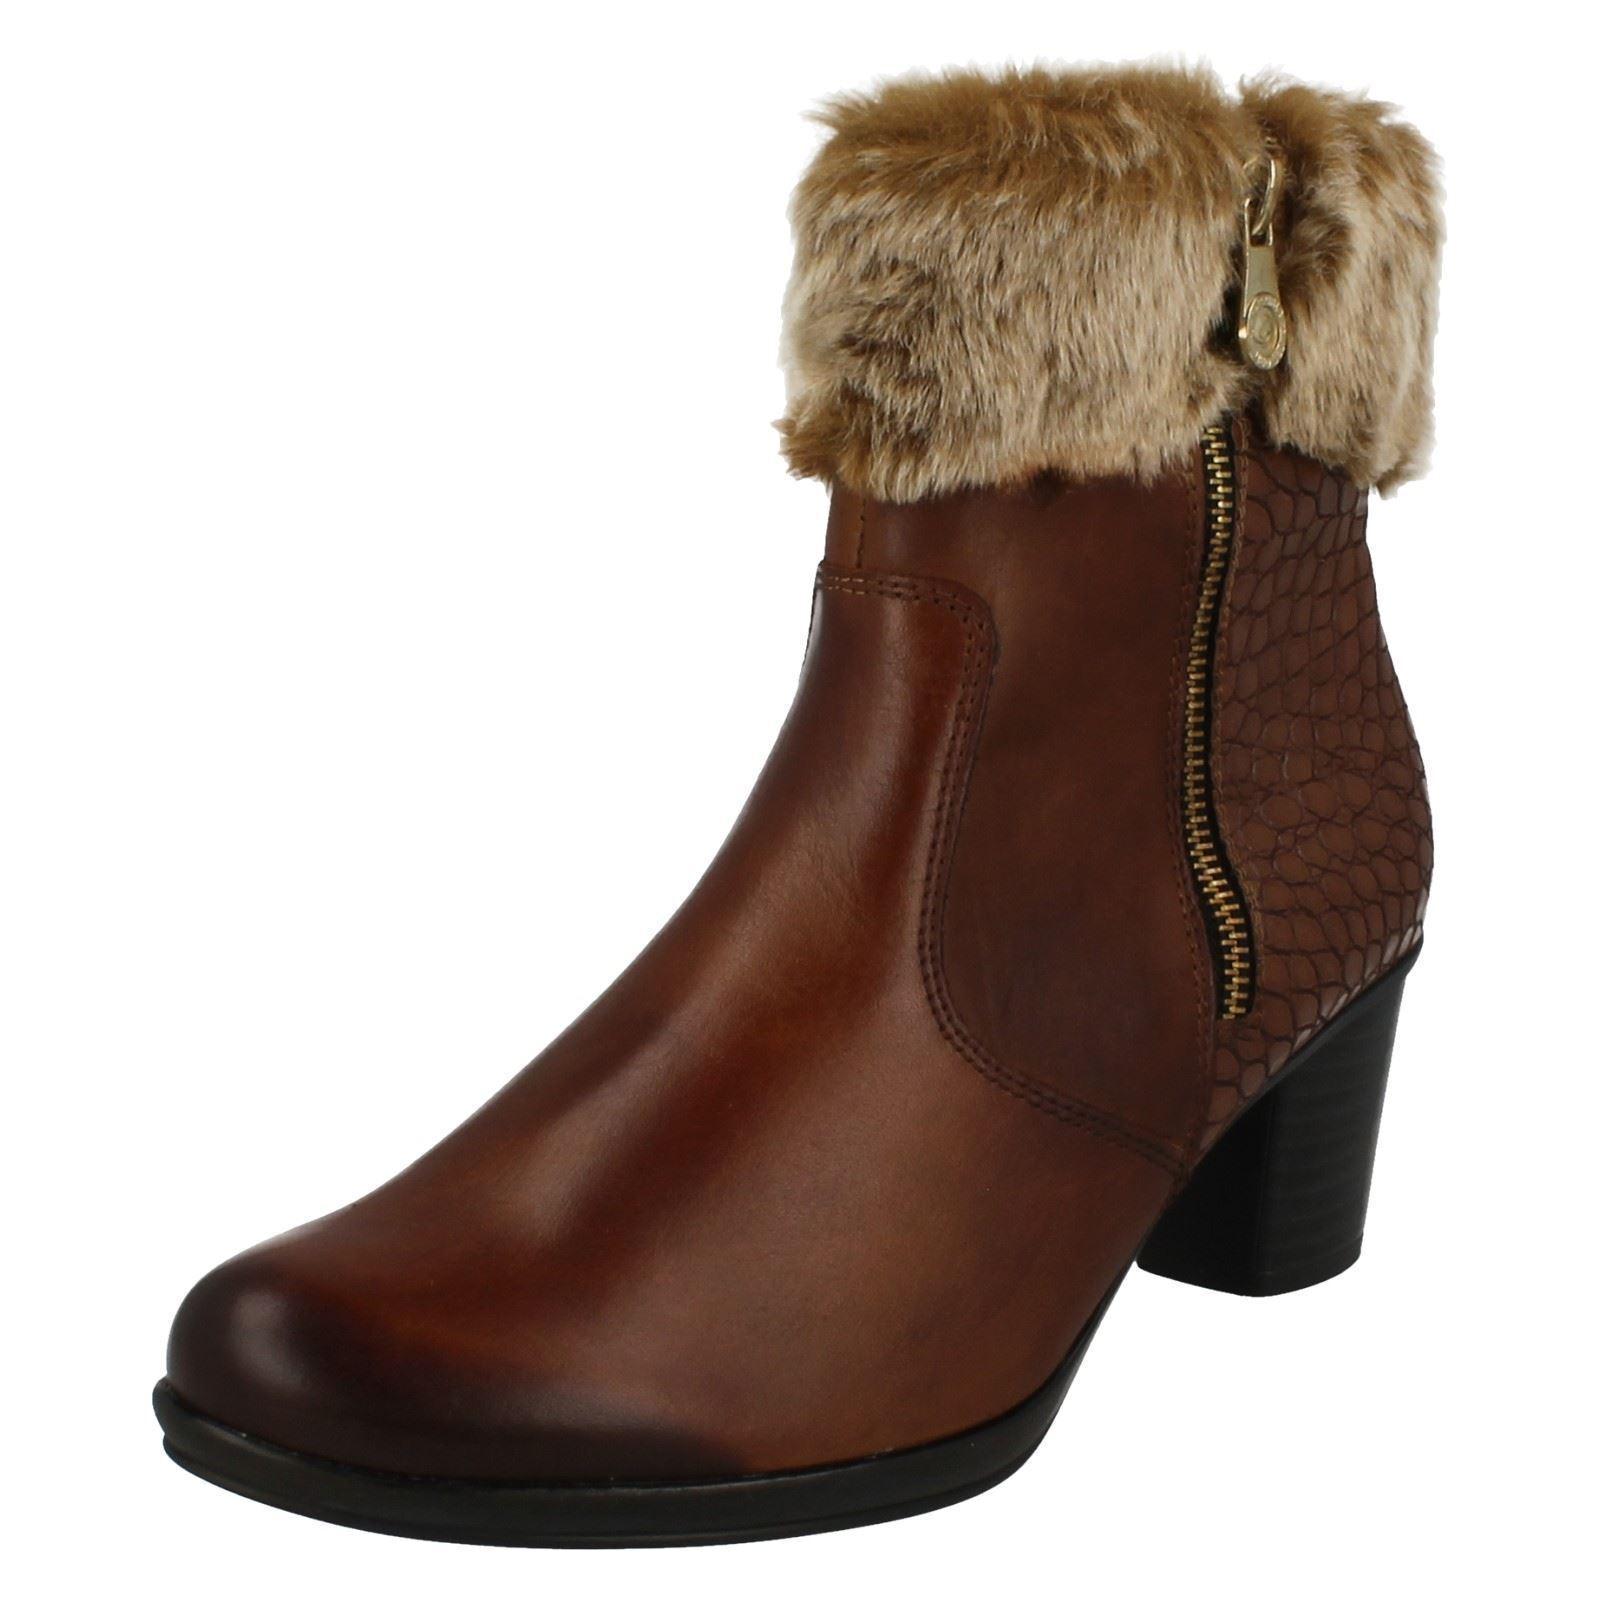 benvenuto a scegliere Remonte da da da donna eleganti stivali caviglia R1585  nuovo sadico